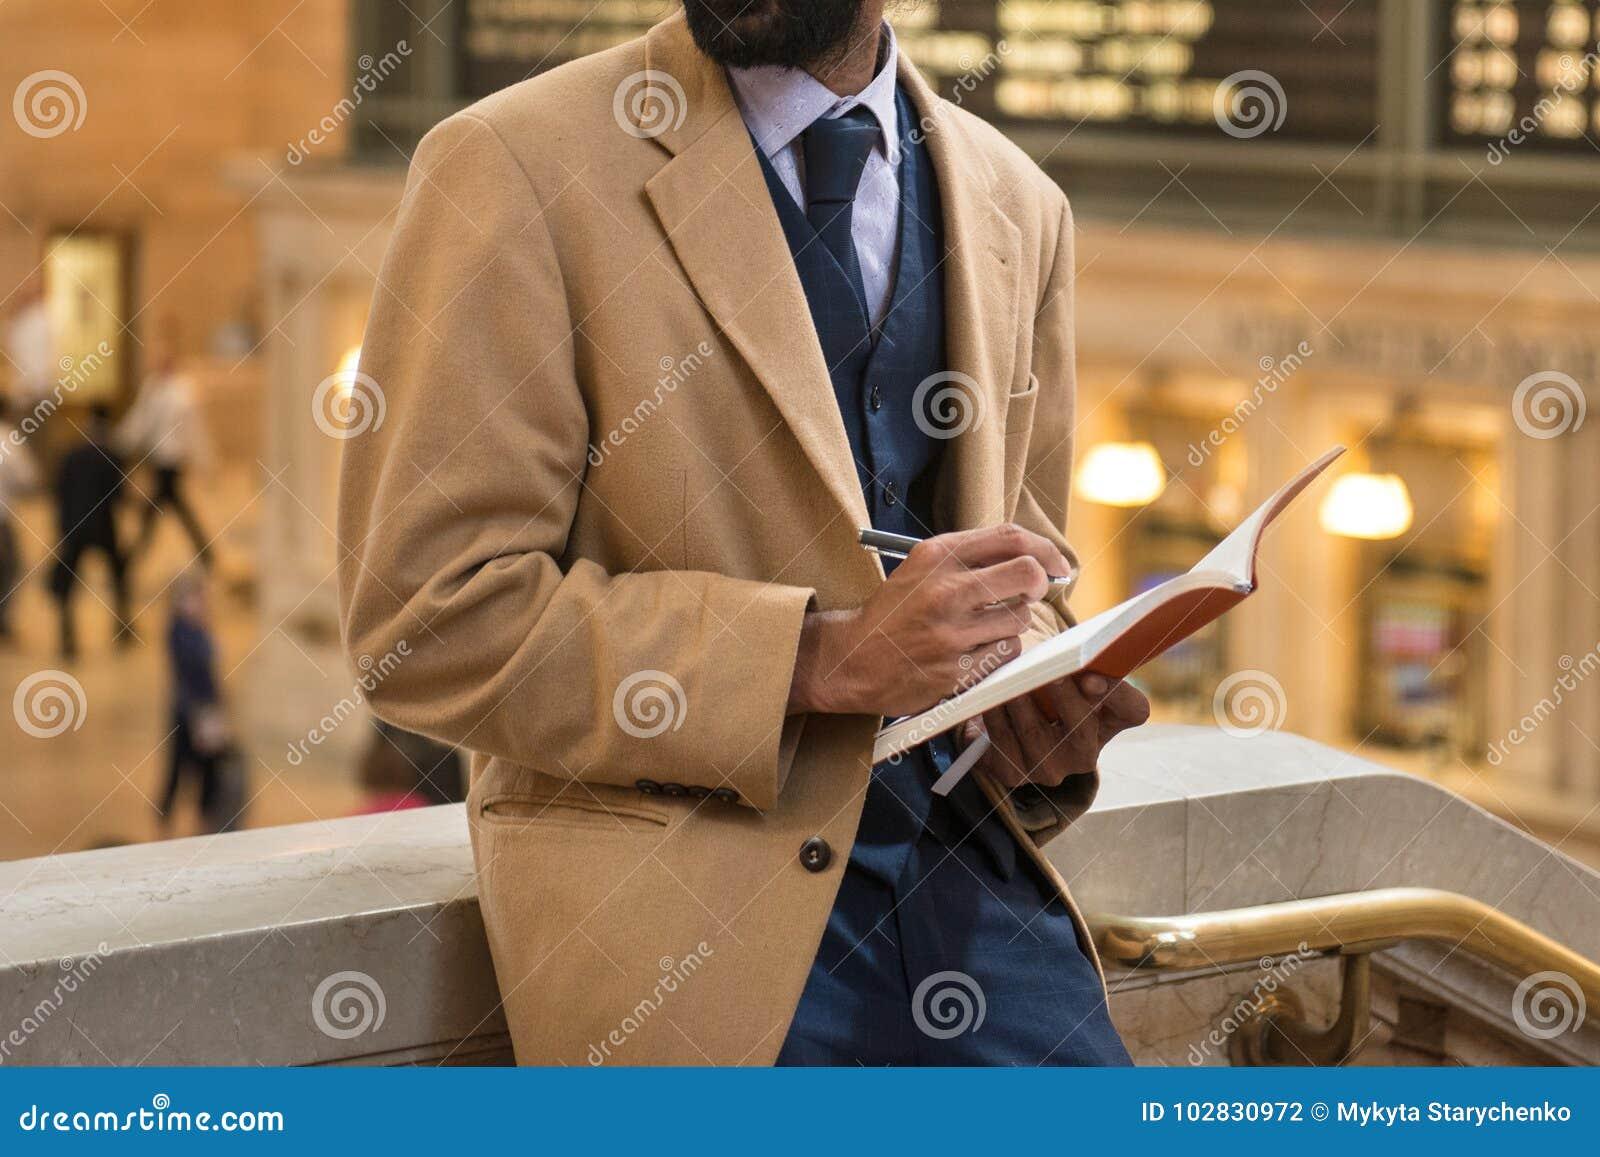 De El Hombre Toma Usando La Negocios Que Traje Nota Chaqueta Y zqdwqZ